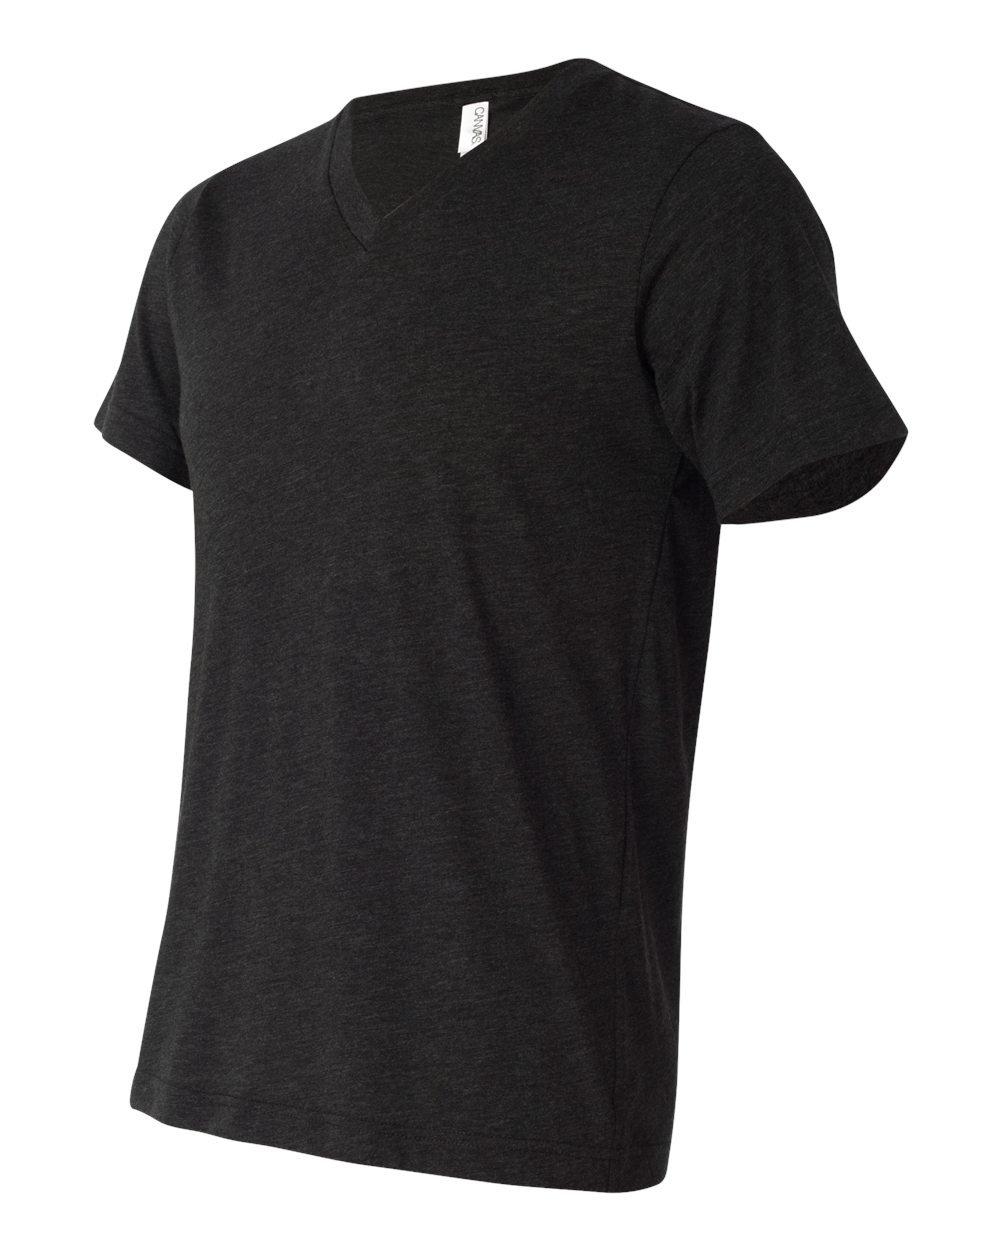 Bella And Canvas Triblend V Neck T Shirt Evan Webster Ink